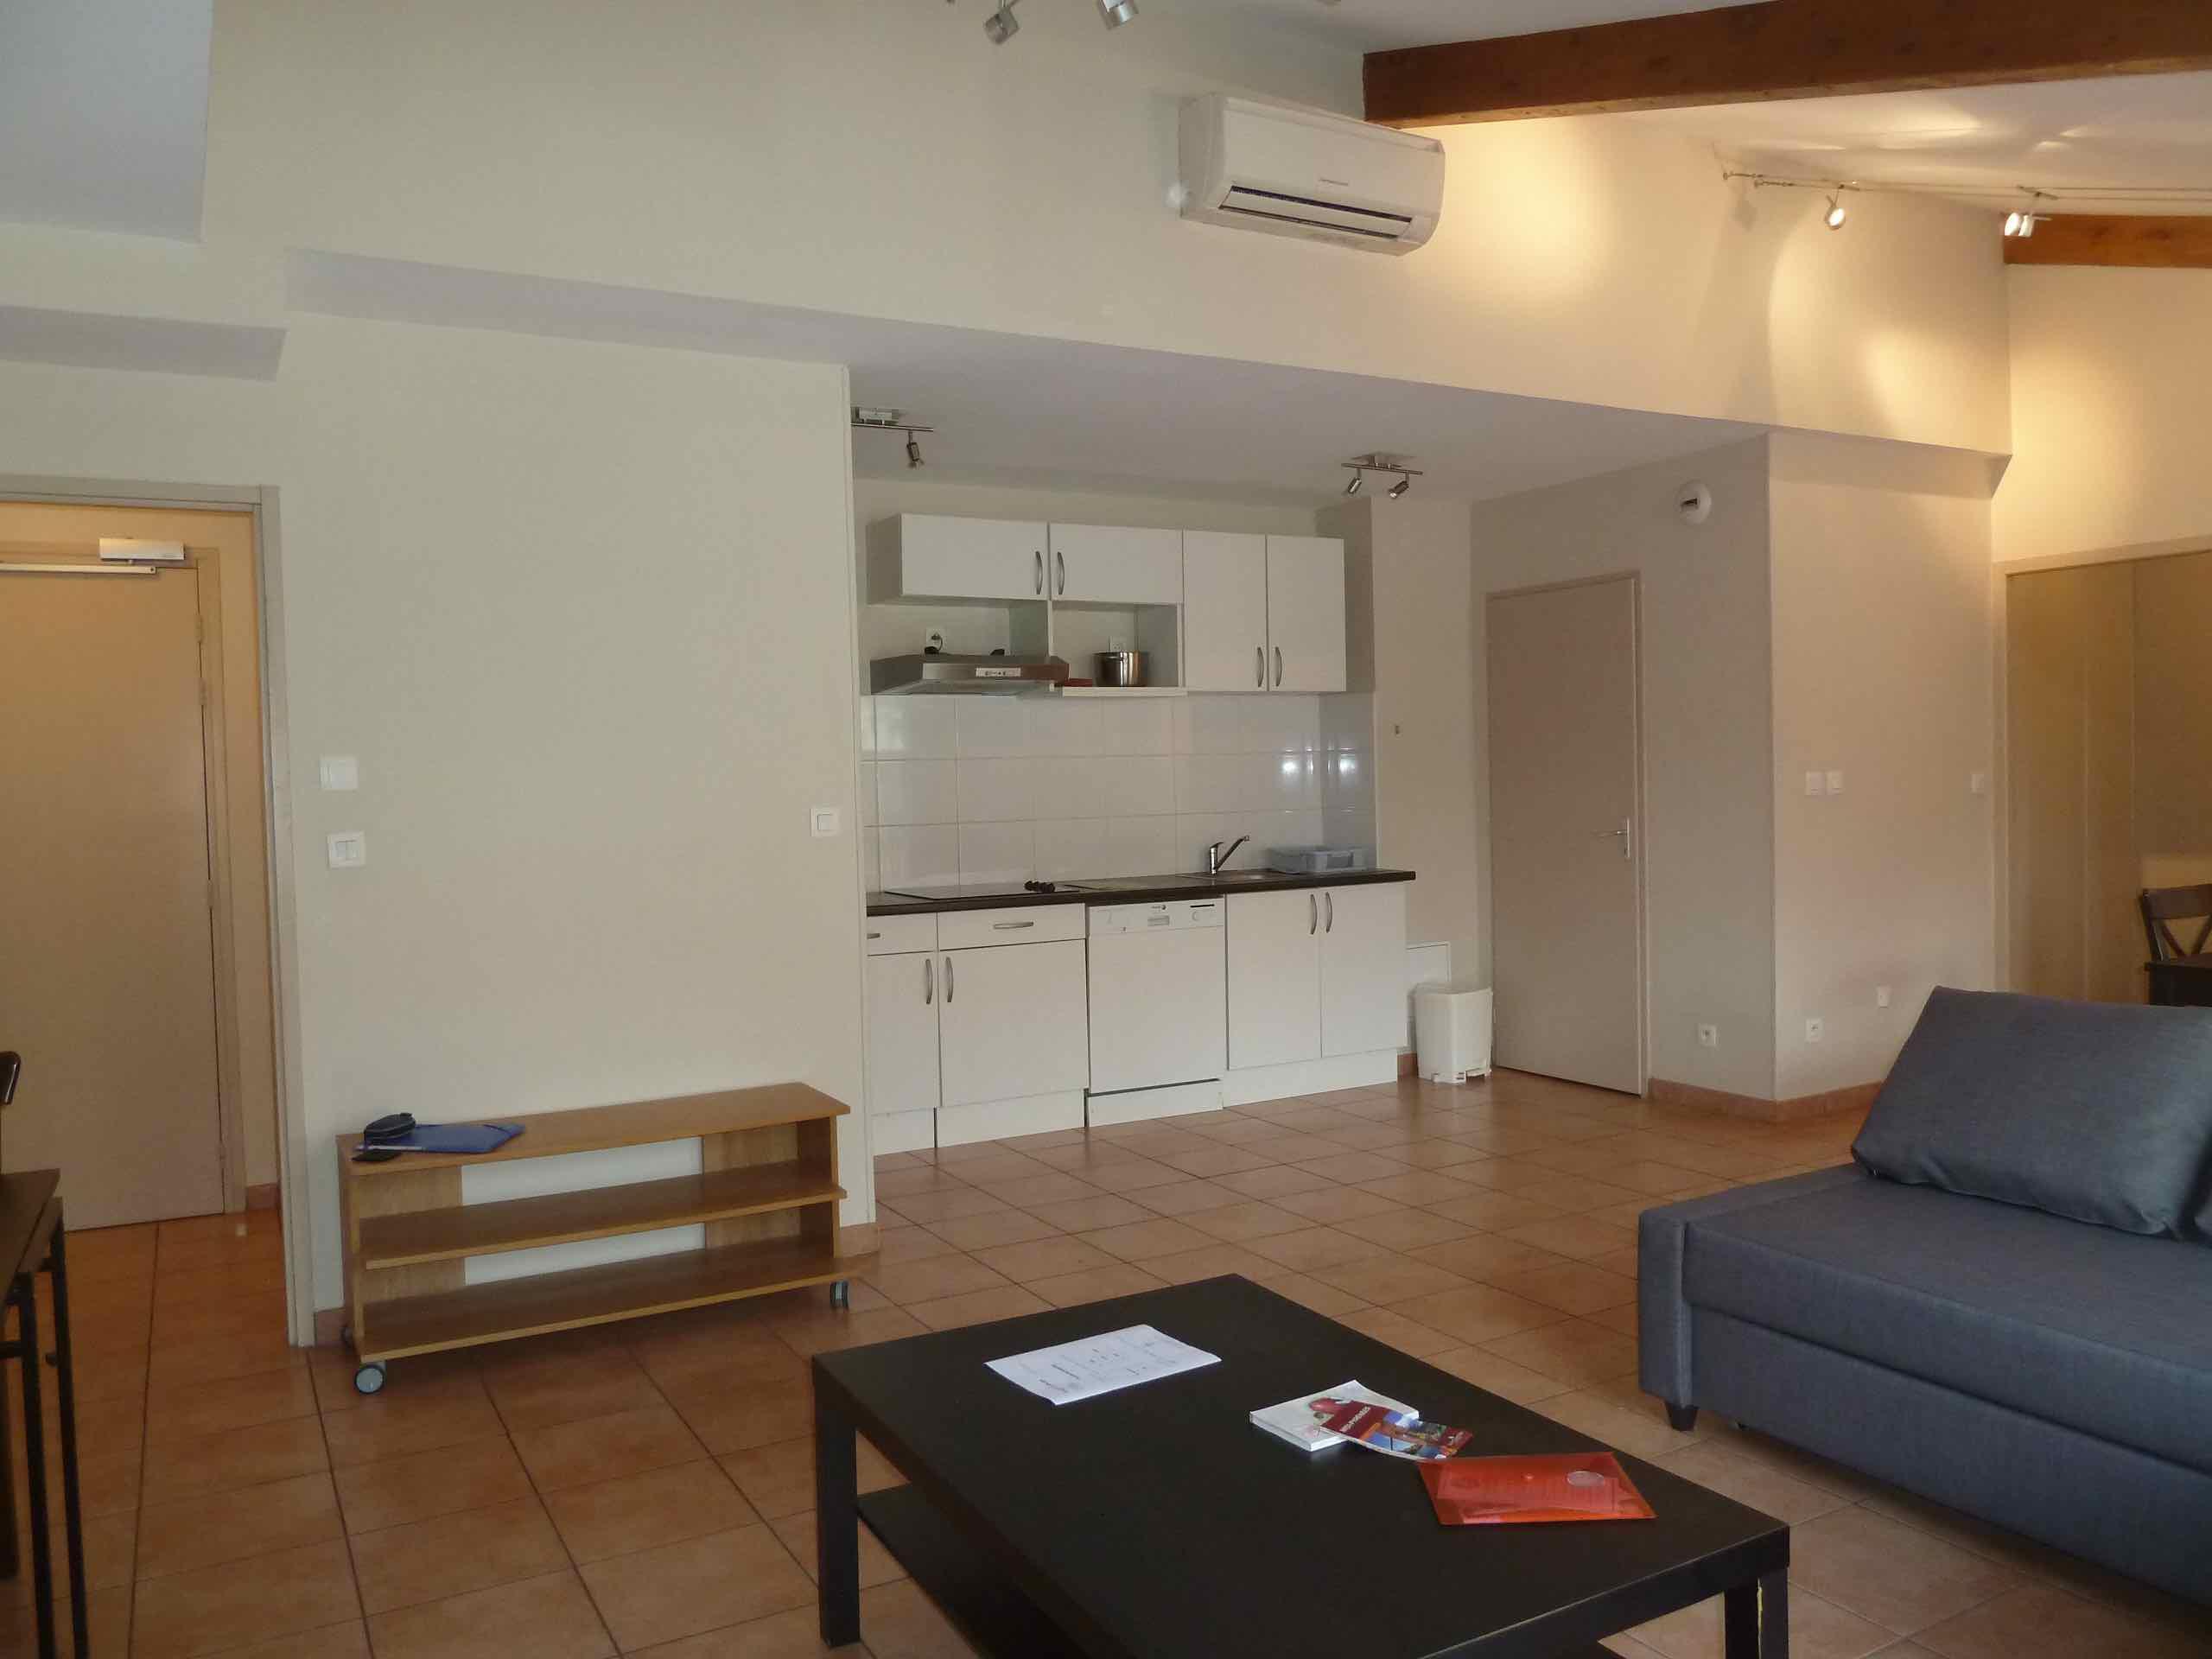 T4 3ème étage 93 m2 TOULOUSE Impasse Benoit Arzac Proche centre Métro A Saint Cyprien (173) - 173-05.jpg